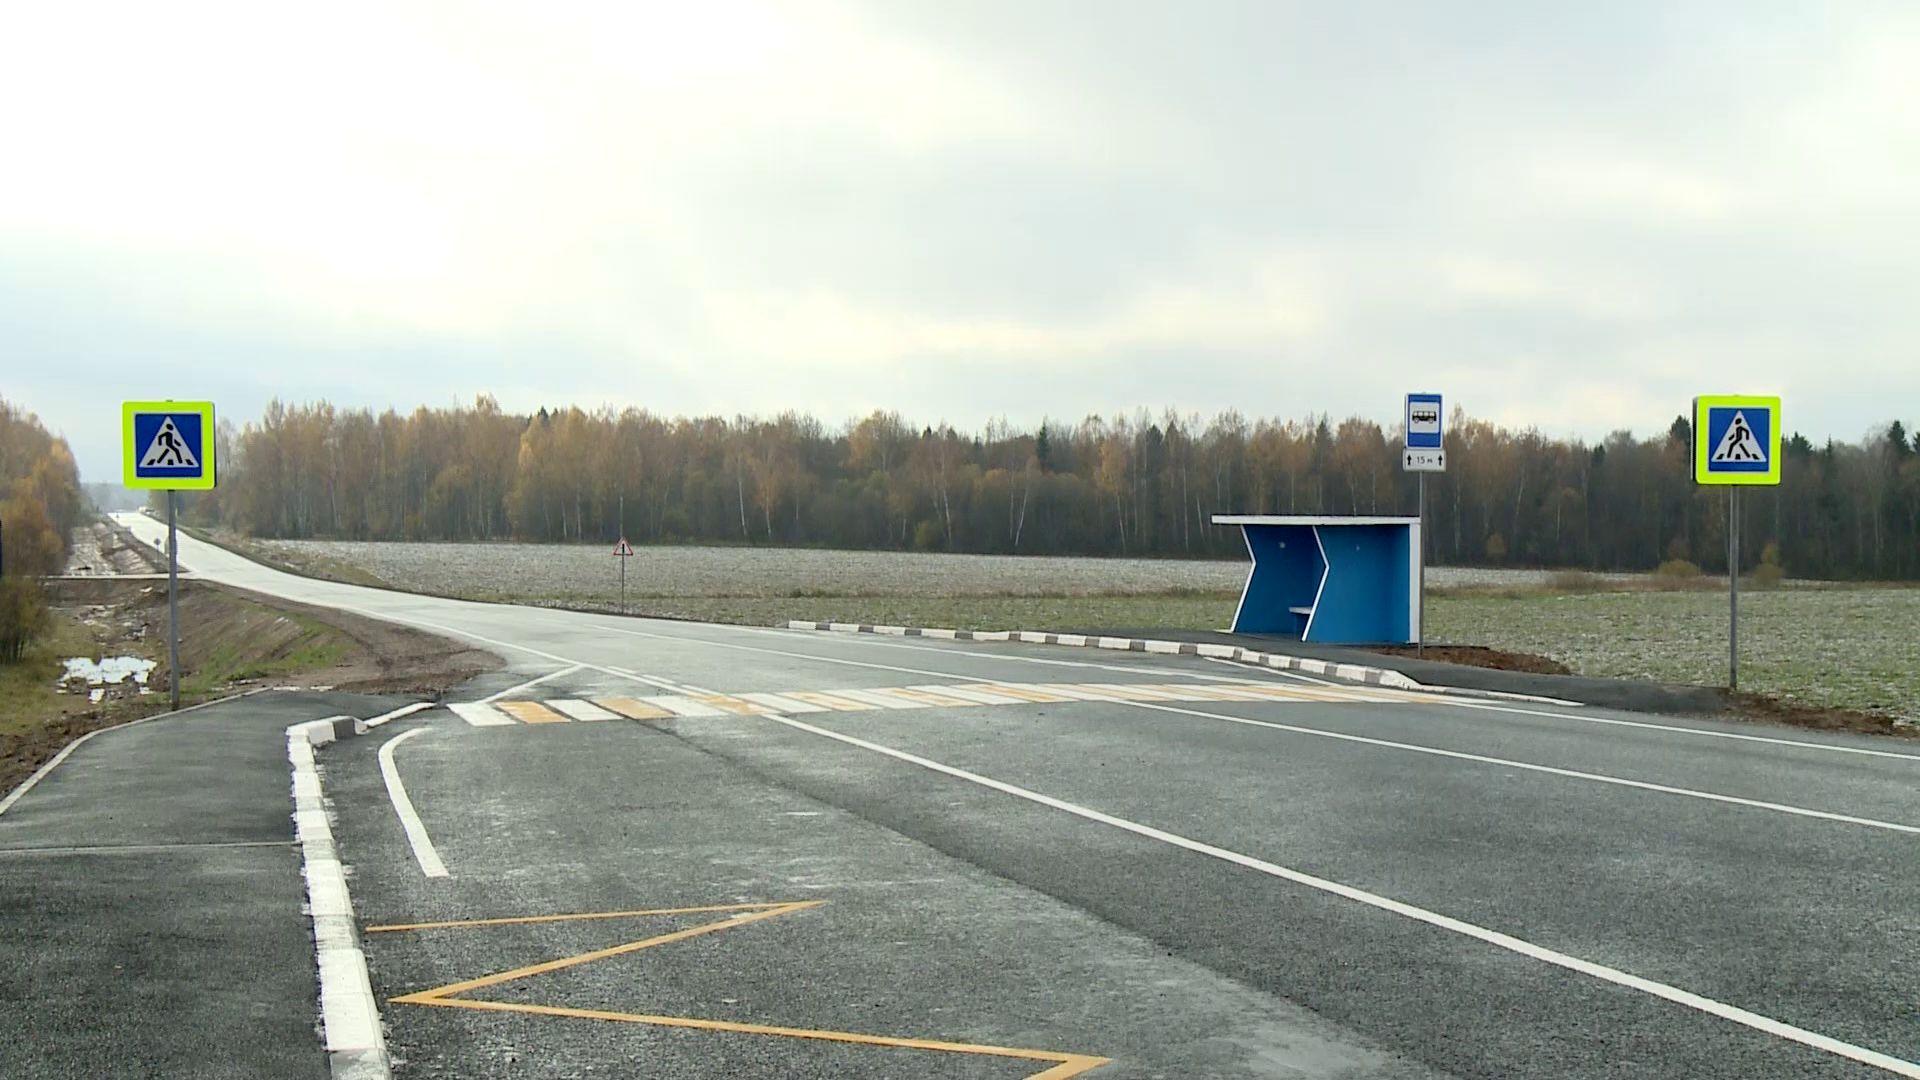 В области продолжаются работы по нацпроекту «Безопасные и качественные автомобильные дороги»